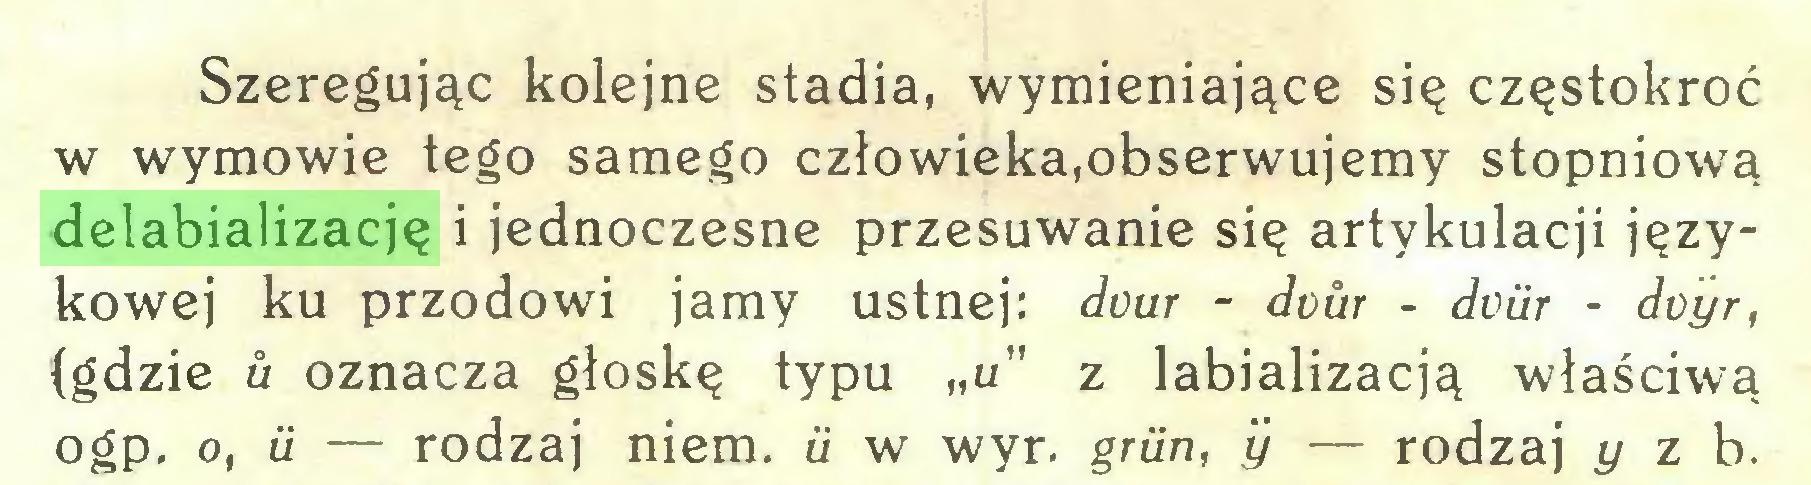 """(...) Szeregując kolejne stadia, wymieniające się częstokroć w wymowie tego samego człowieka.obserwujemy stopniową delabializację i jednoczesne przesuwanie się artykulacji językowej ku przodowi jamy ustnej: dour - dour - dciir - doyr, {gdzie u oznacza głoskę typu """"u"""" z labializacją właściwą ogp. o, ii — rodzaj niem. u w wyr. griin, y — rodzaj y z b..."""